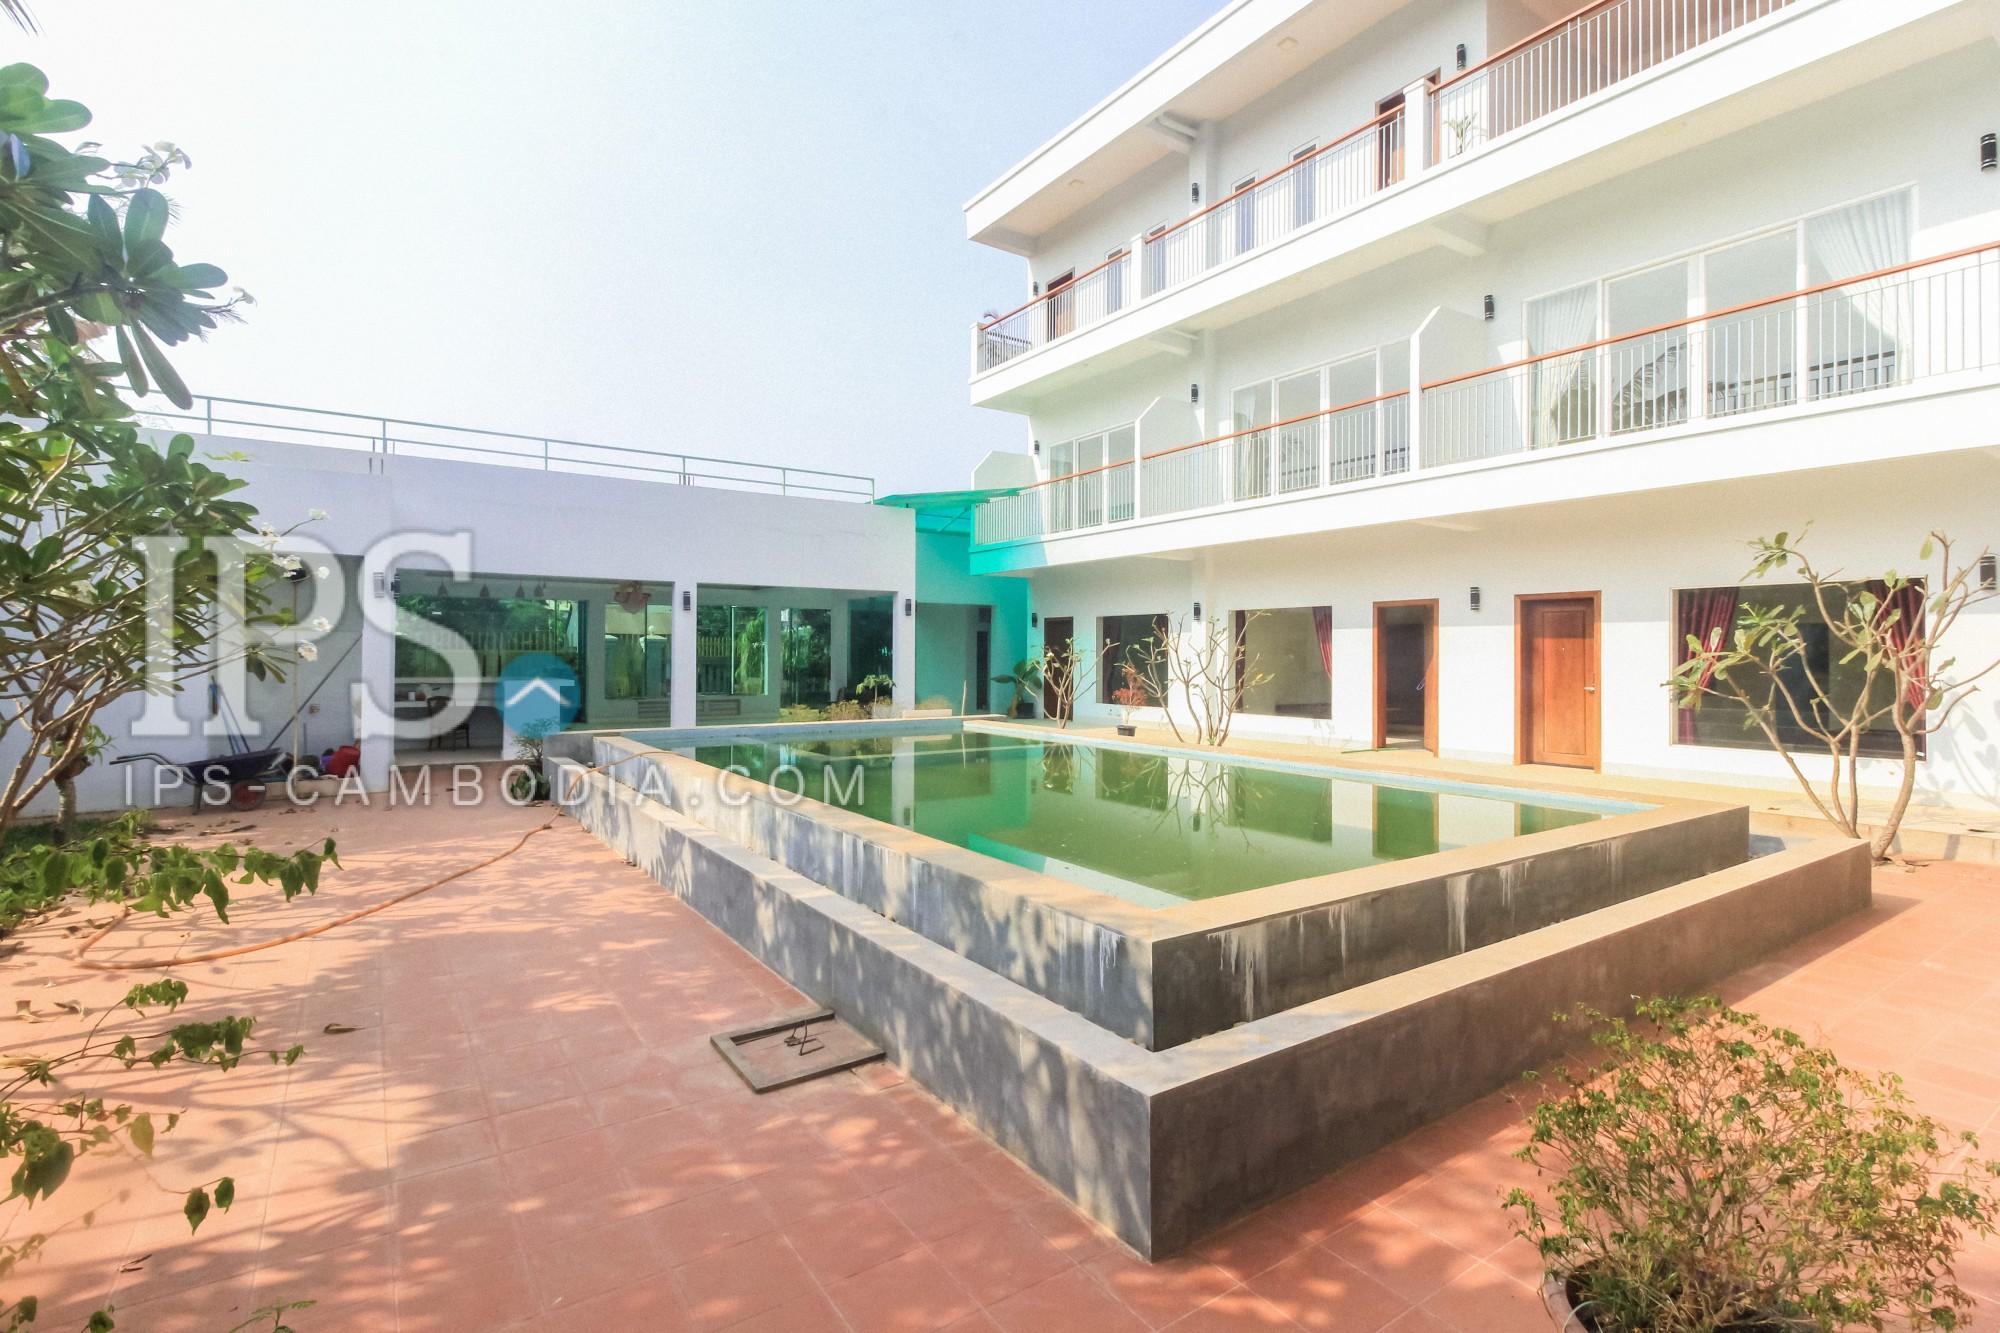 Siem Reap Apartment Building For Rent - 19 Units (1 Bedroom Flats)